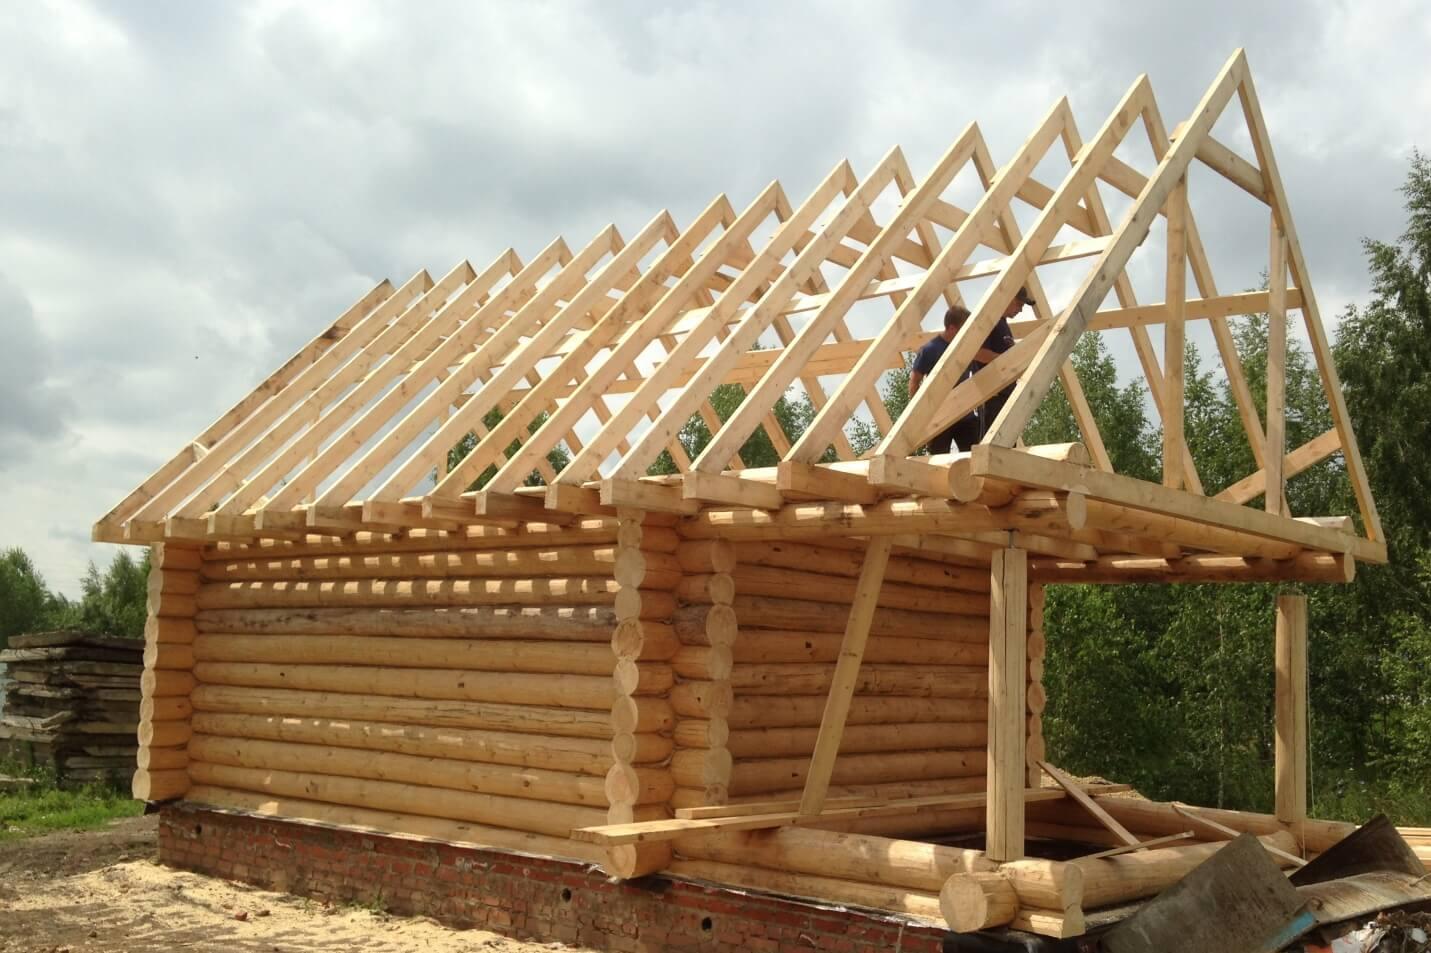 Устройство крыши и кровли бани: односкатная и двускатная, а также совмещения бани с другими постройками под одной крышей